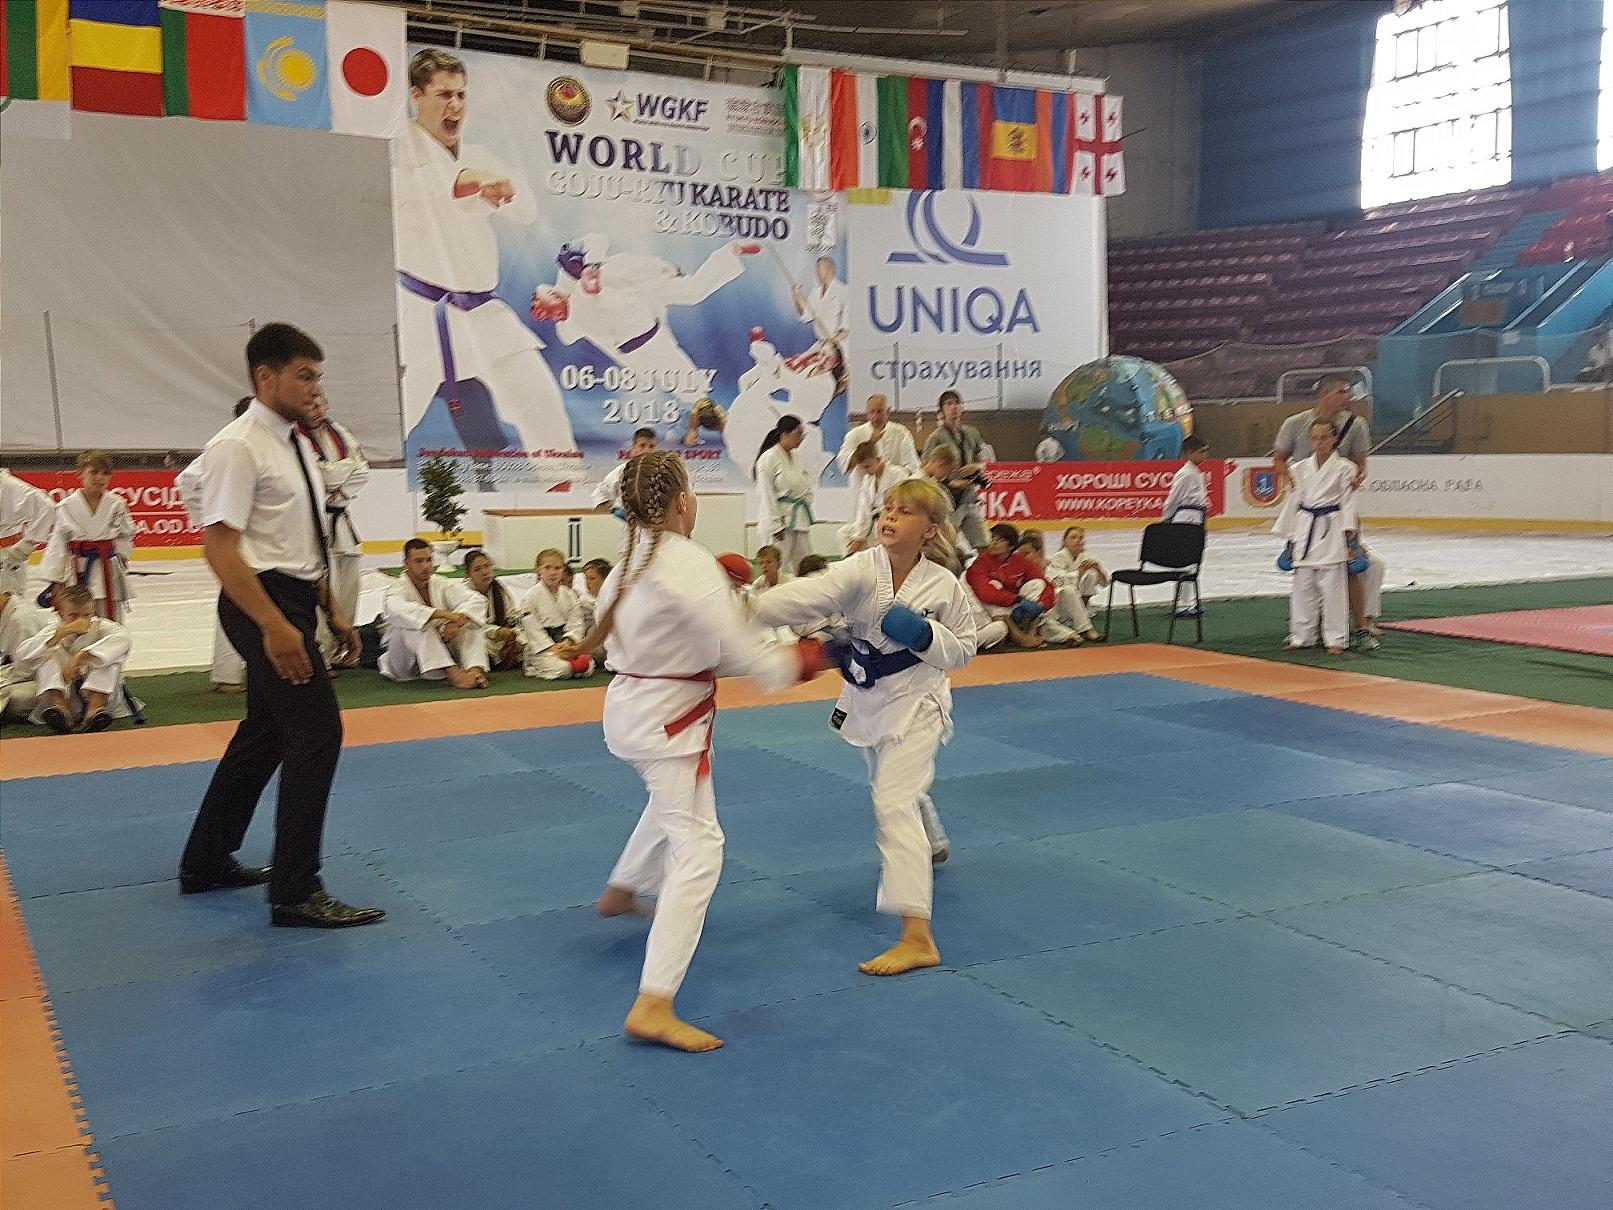 Кубок мира по годзю-рю каратэ и кобудо прошел в Одессе